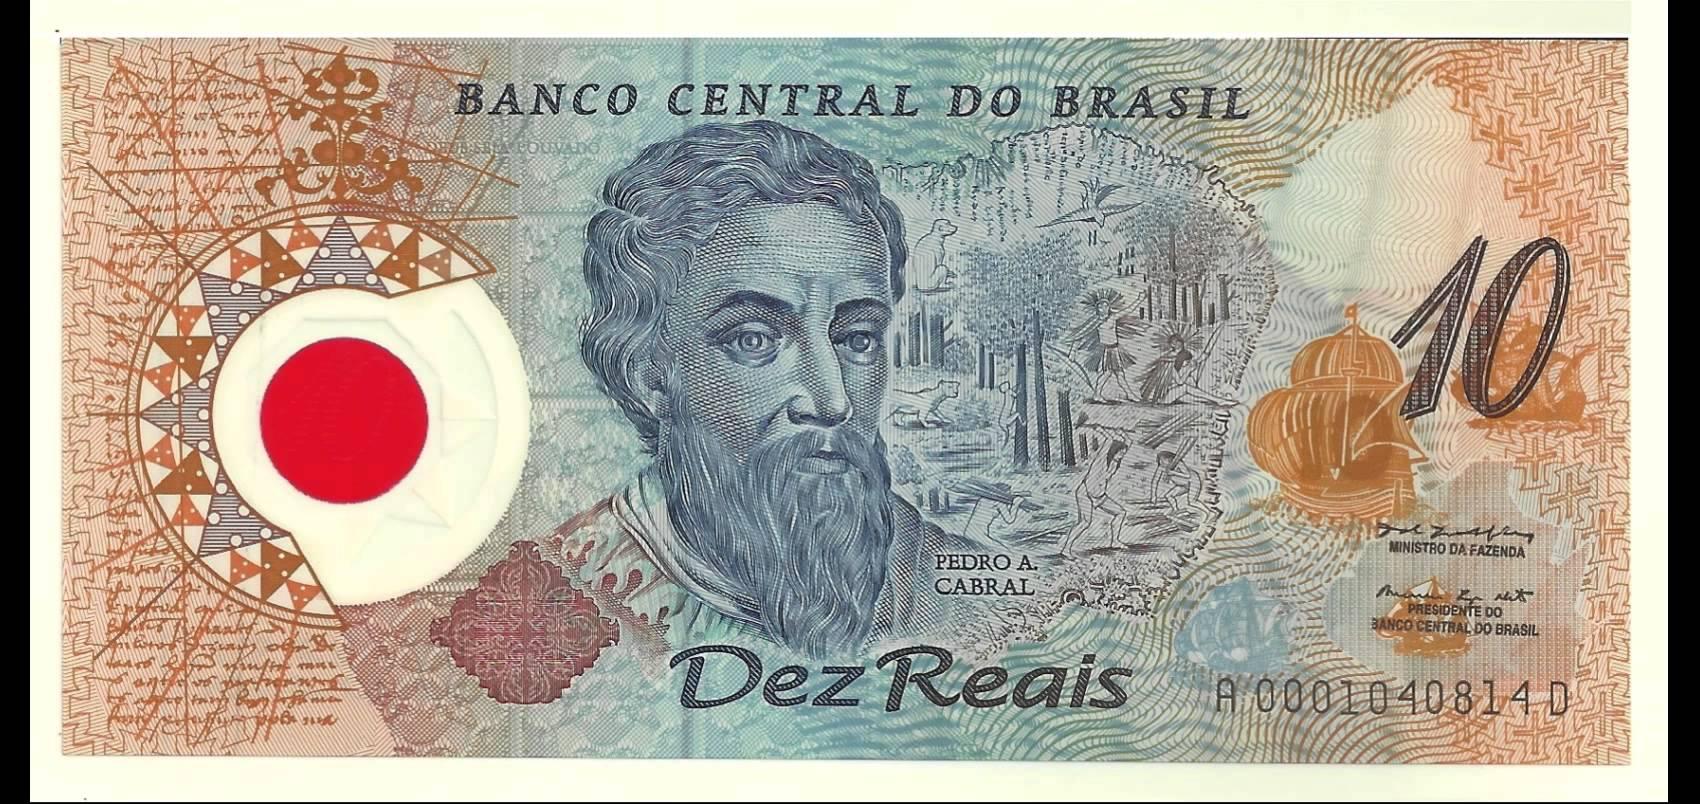 Frente da cédula de R$ 10 de plástico. Crédito: Divulgação | Banco Central